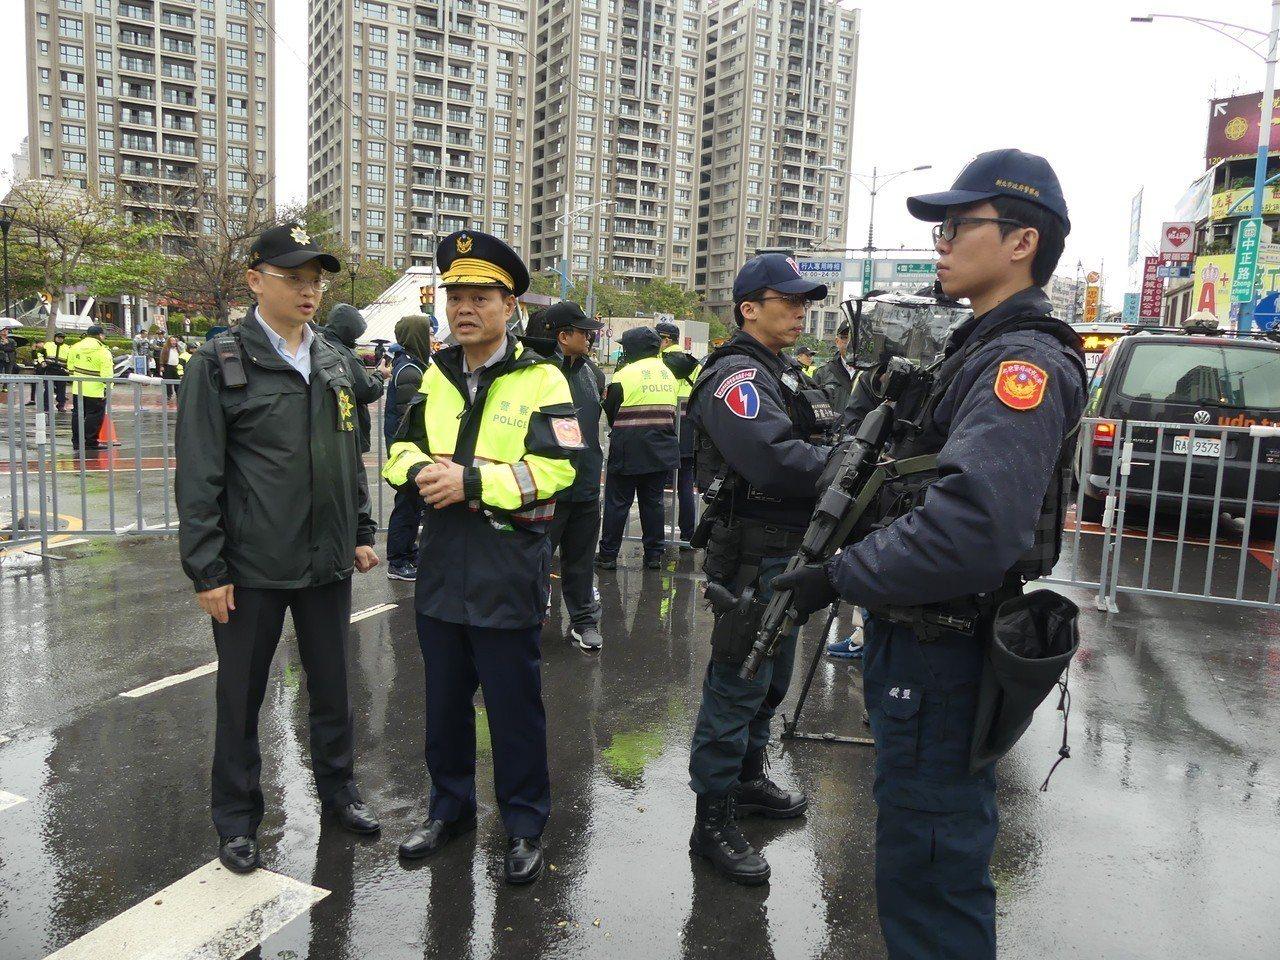 天道盟前盟主蕭澤宏今天(24日)下午在新北市蘆洲區舉行告別式,警方動員超過400...